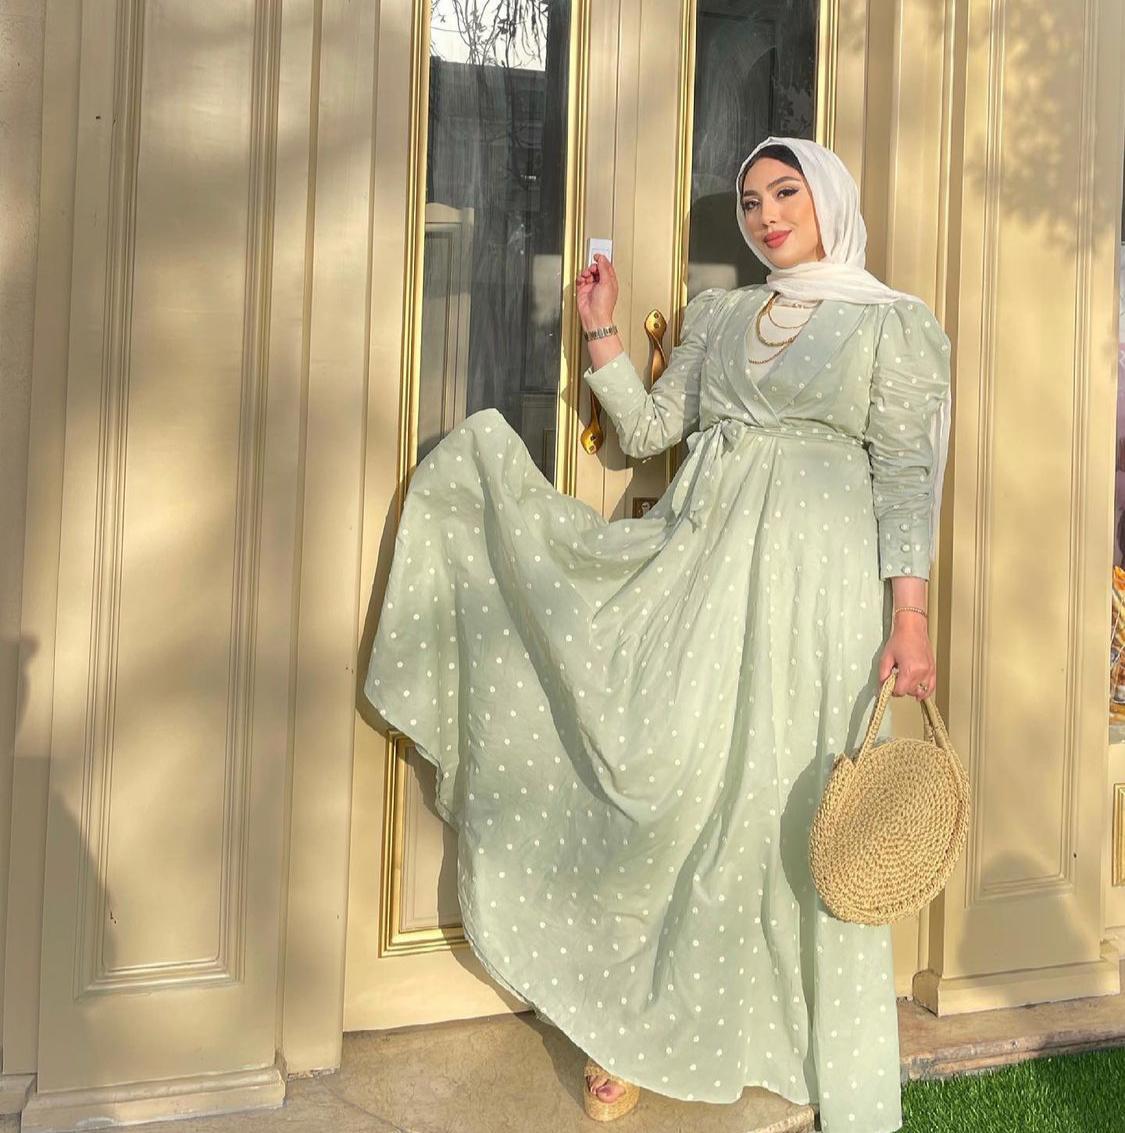 سمية نبيل بفستان بلون الباستيل -الصورة من حسابها على الانستغرام